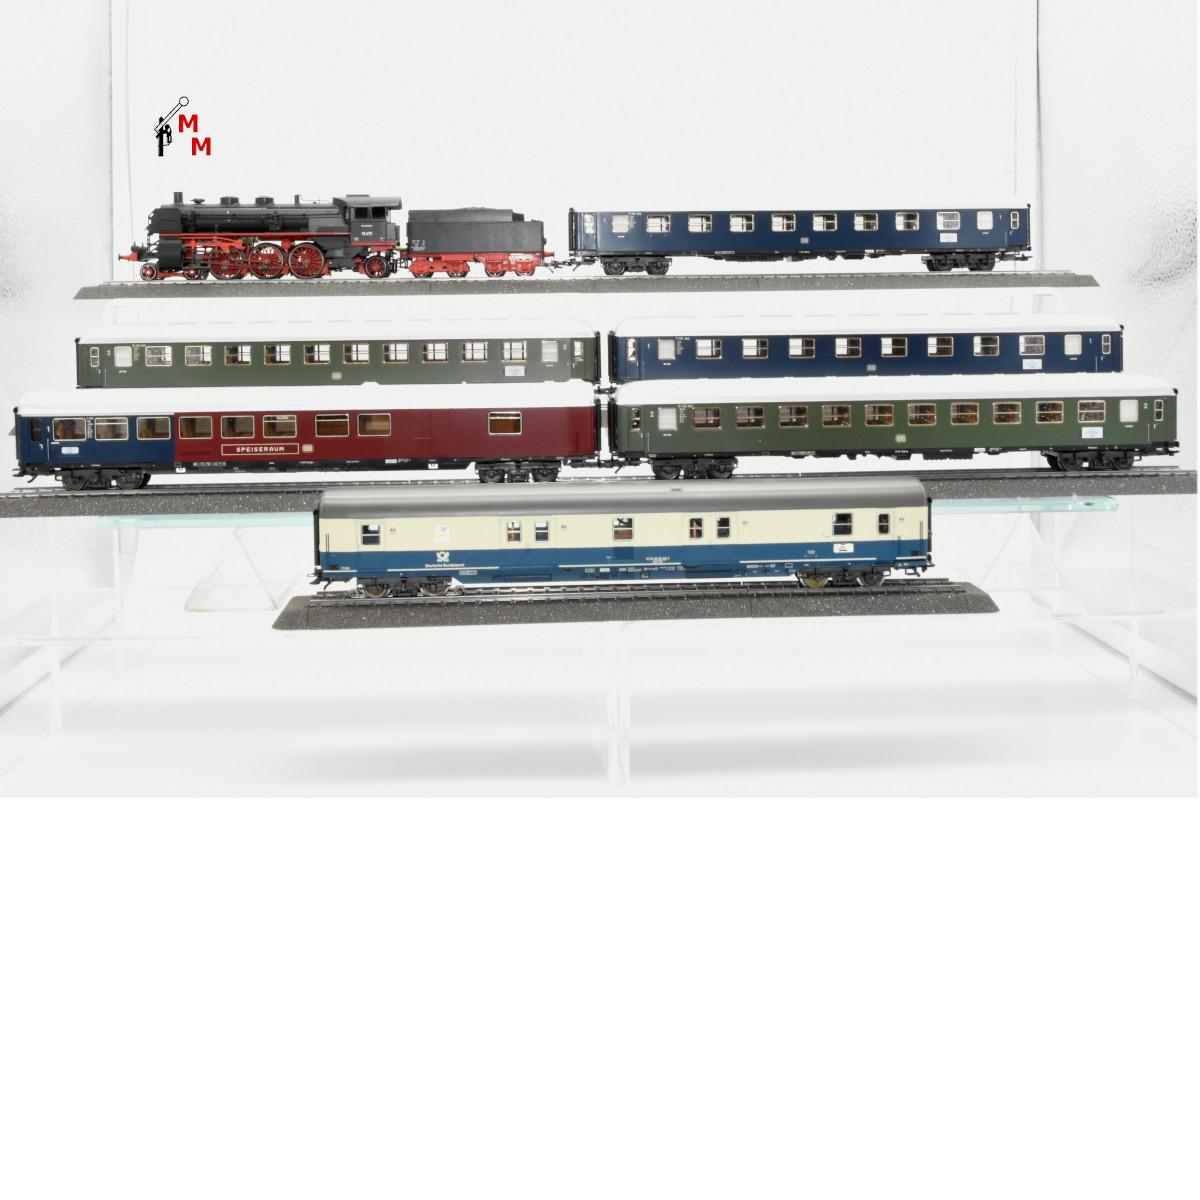 Märklin 29855.999 Personenzug aus Startset, mit BR 18.4 der DB, mit 3 Ergänzungswagen (beleuchtet) mit mfx-Decoder und Rauchsatz, (20317)